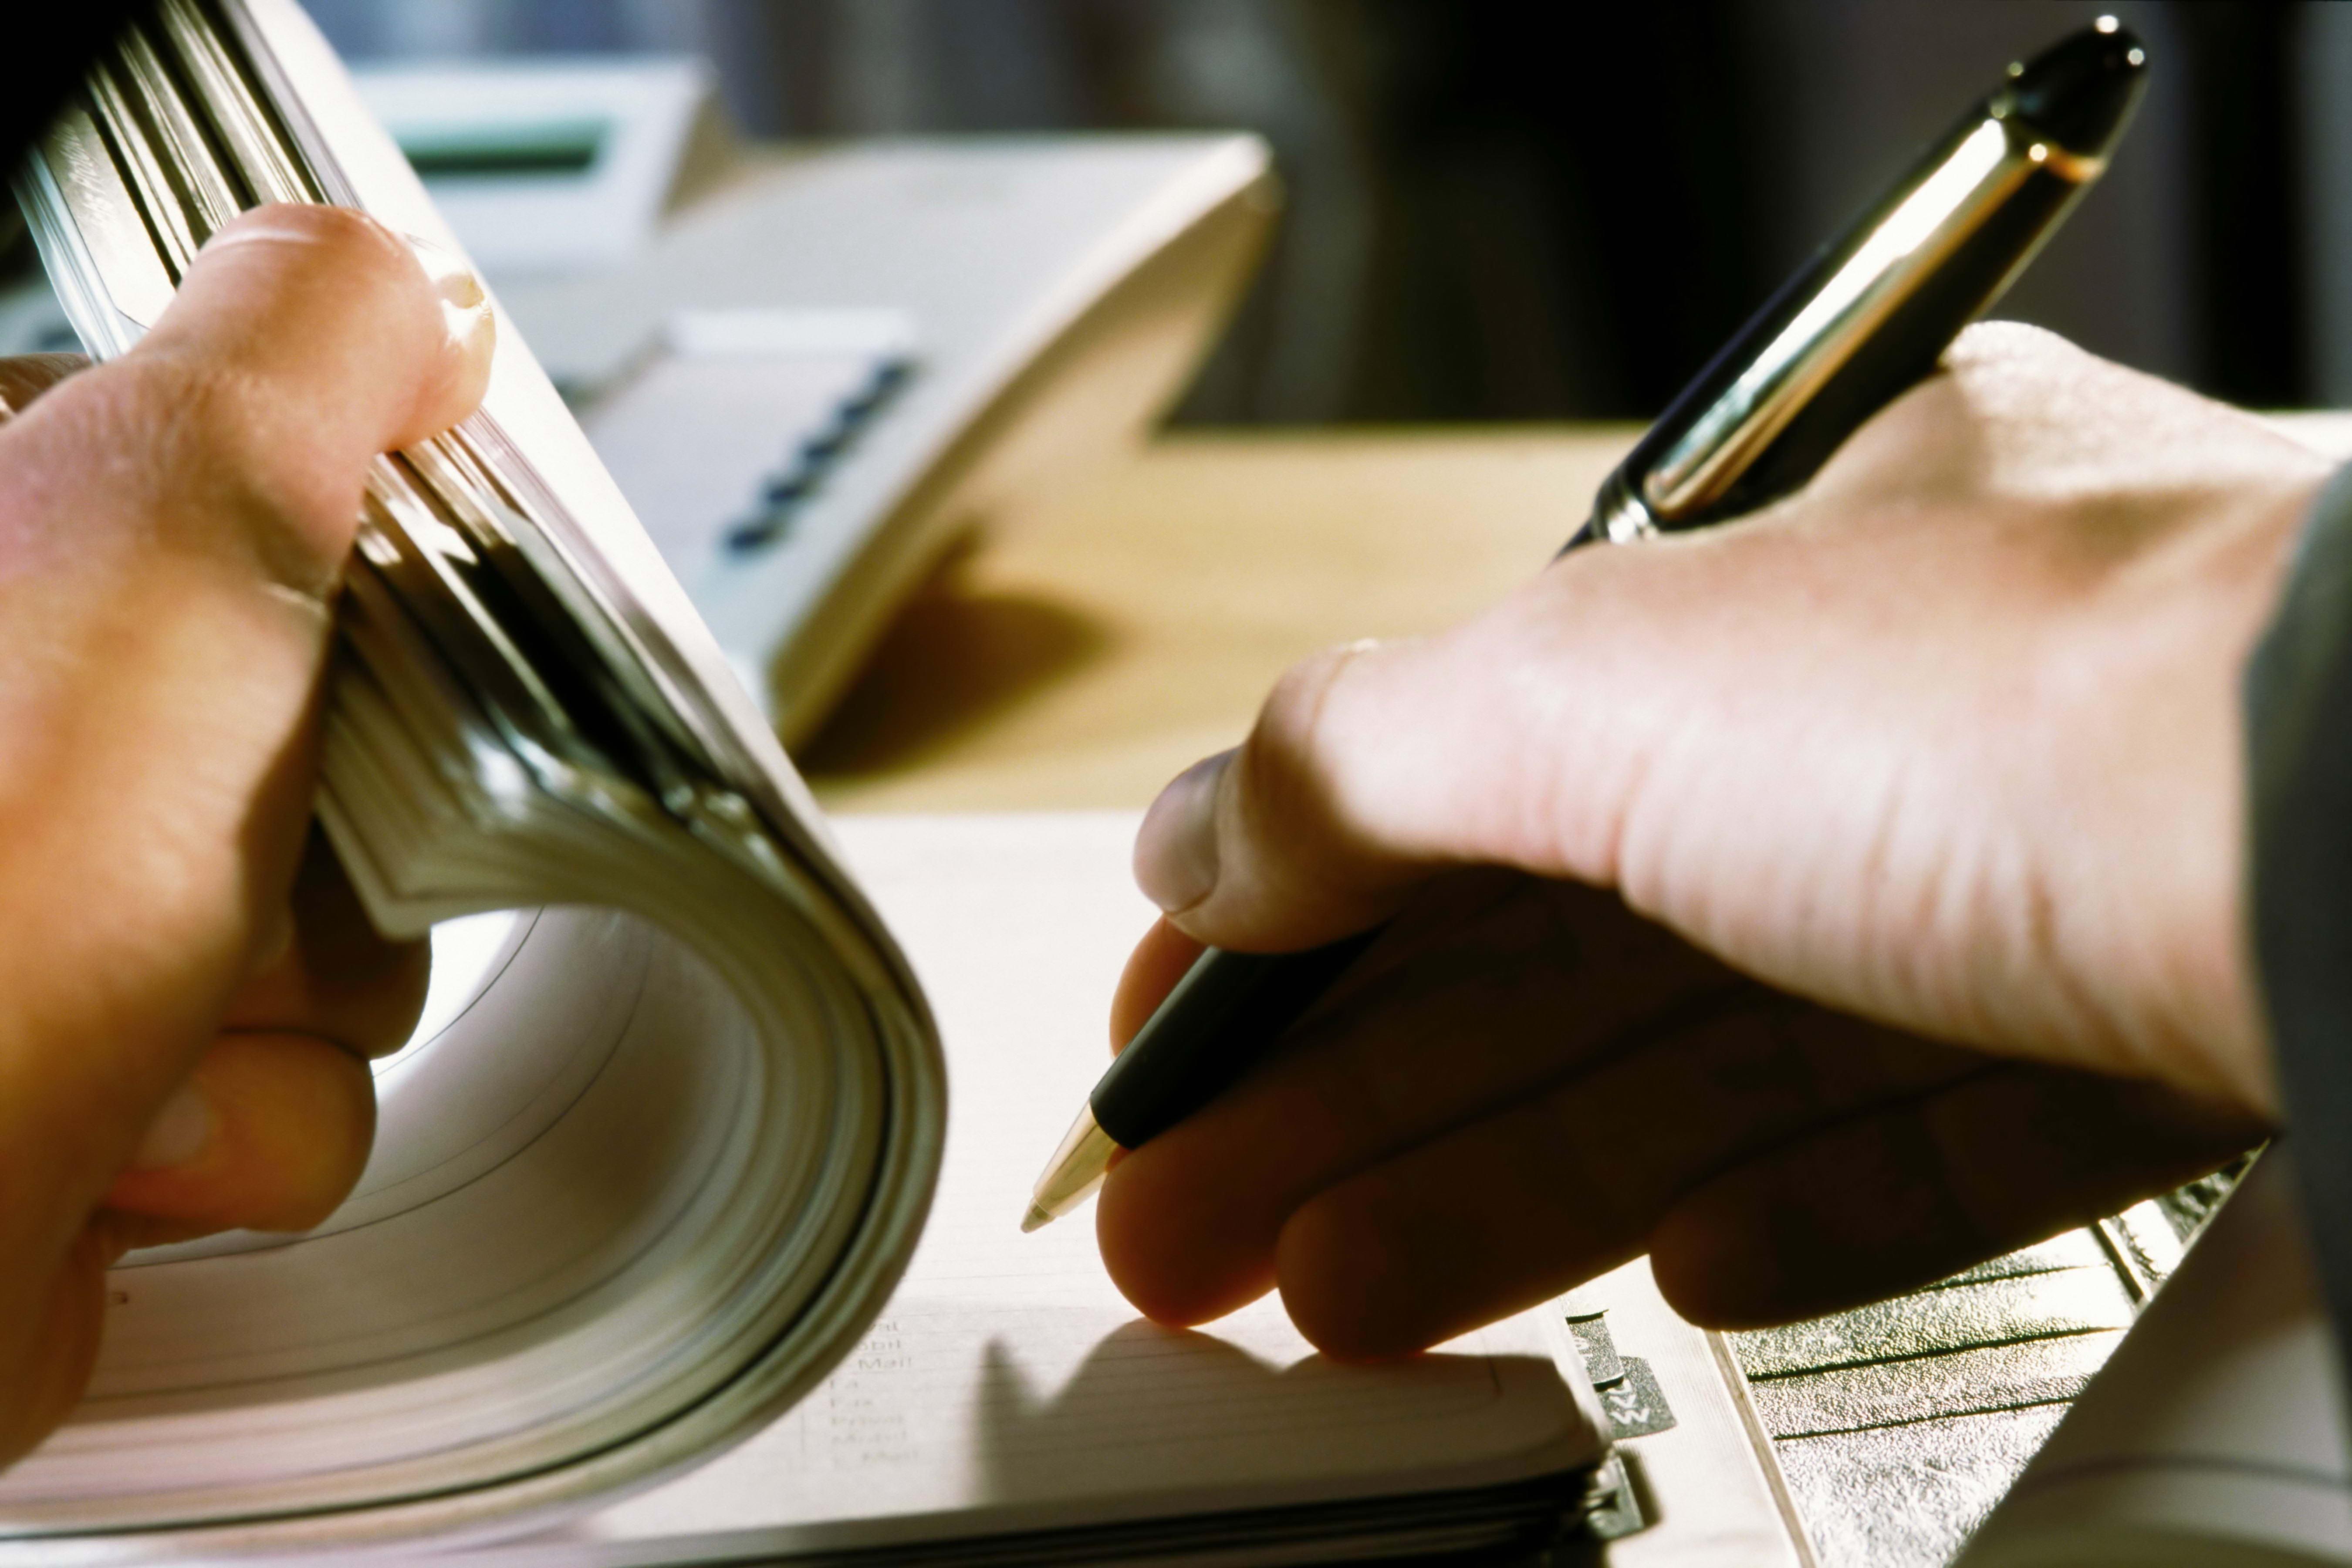 124770 скачать обои Разное, Руки, Ручка, Блокнот, Заметки, Тетрадь - заставки и картинки бесплатно